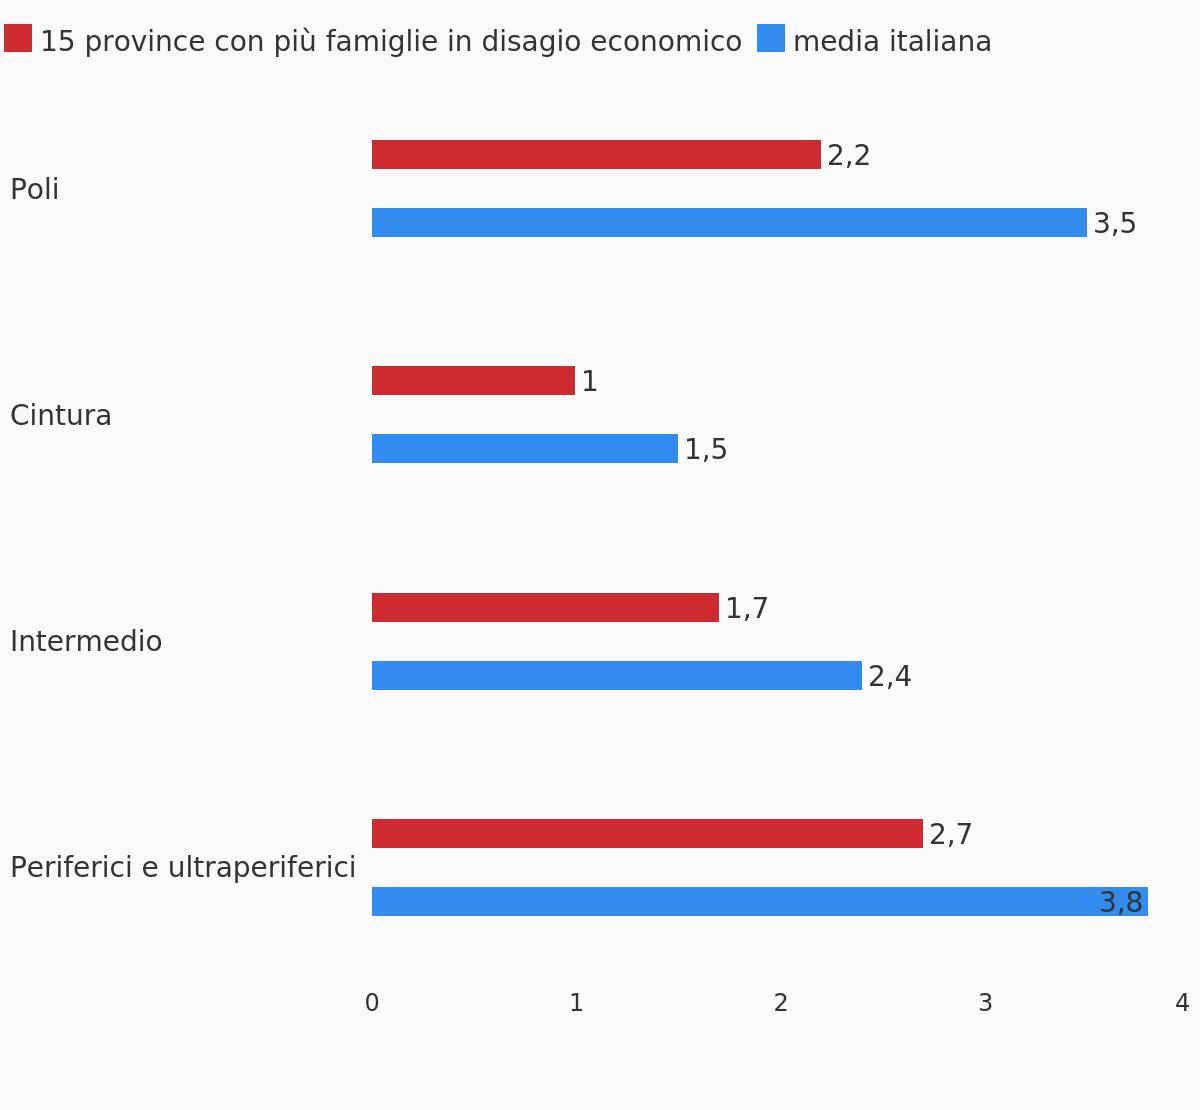 Biblioteche ogni 1.000 residenti 6-17 nei comuni delle province con più famiglie in disagio economico, divisi per area (2019)